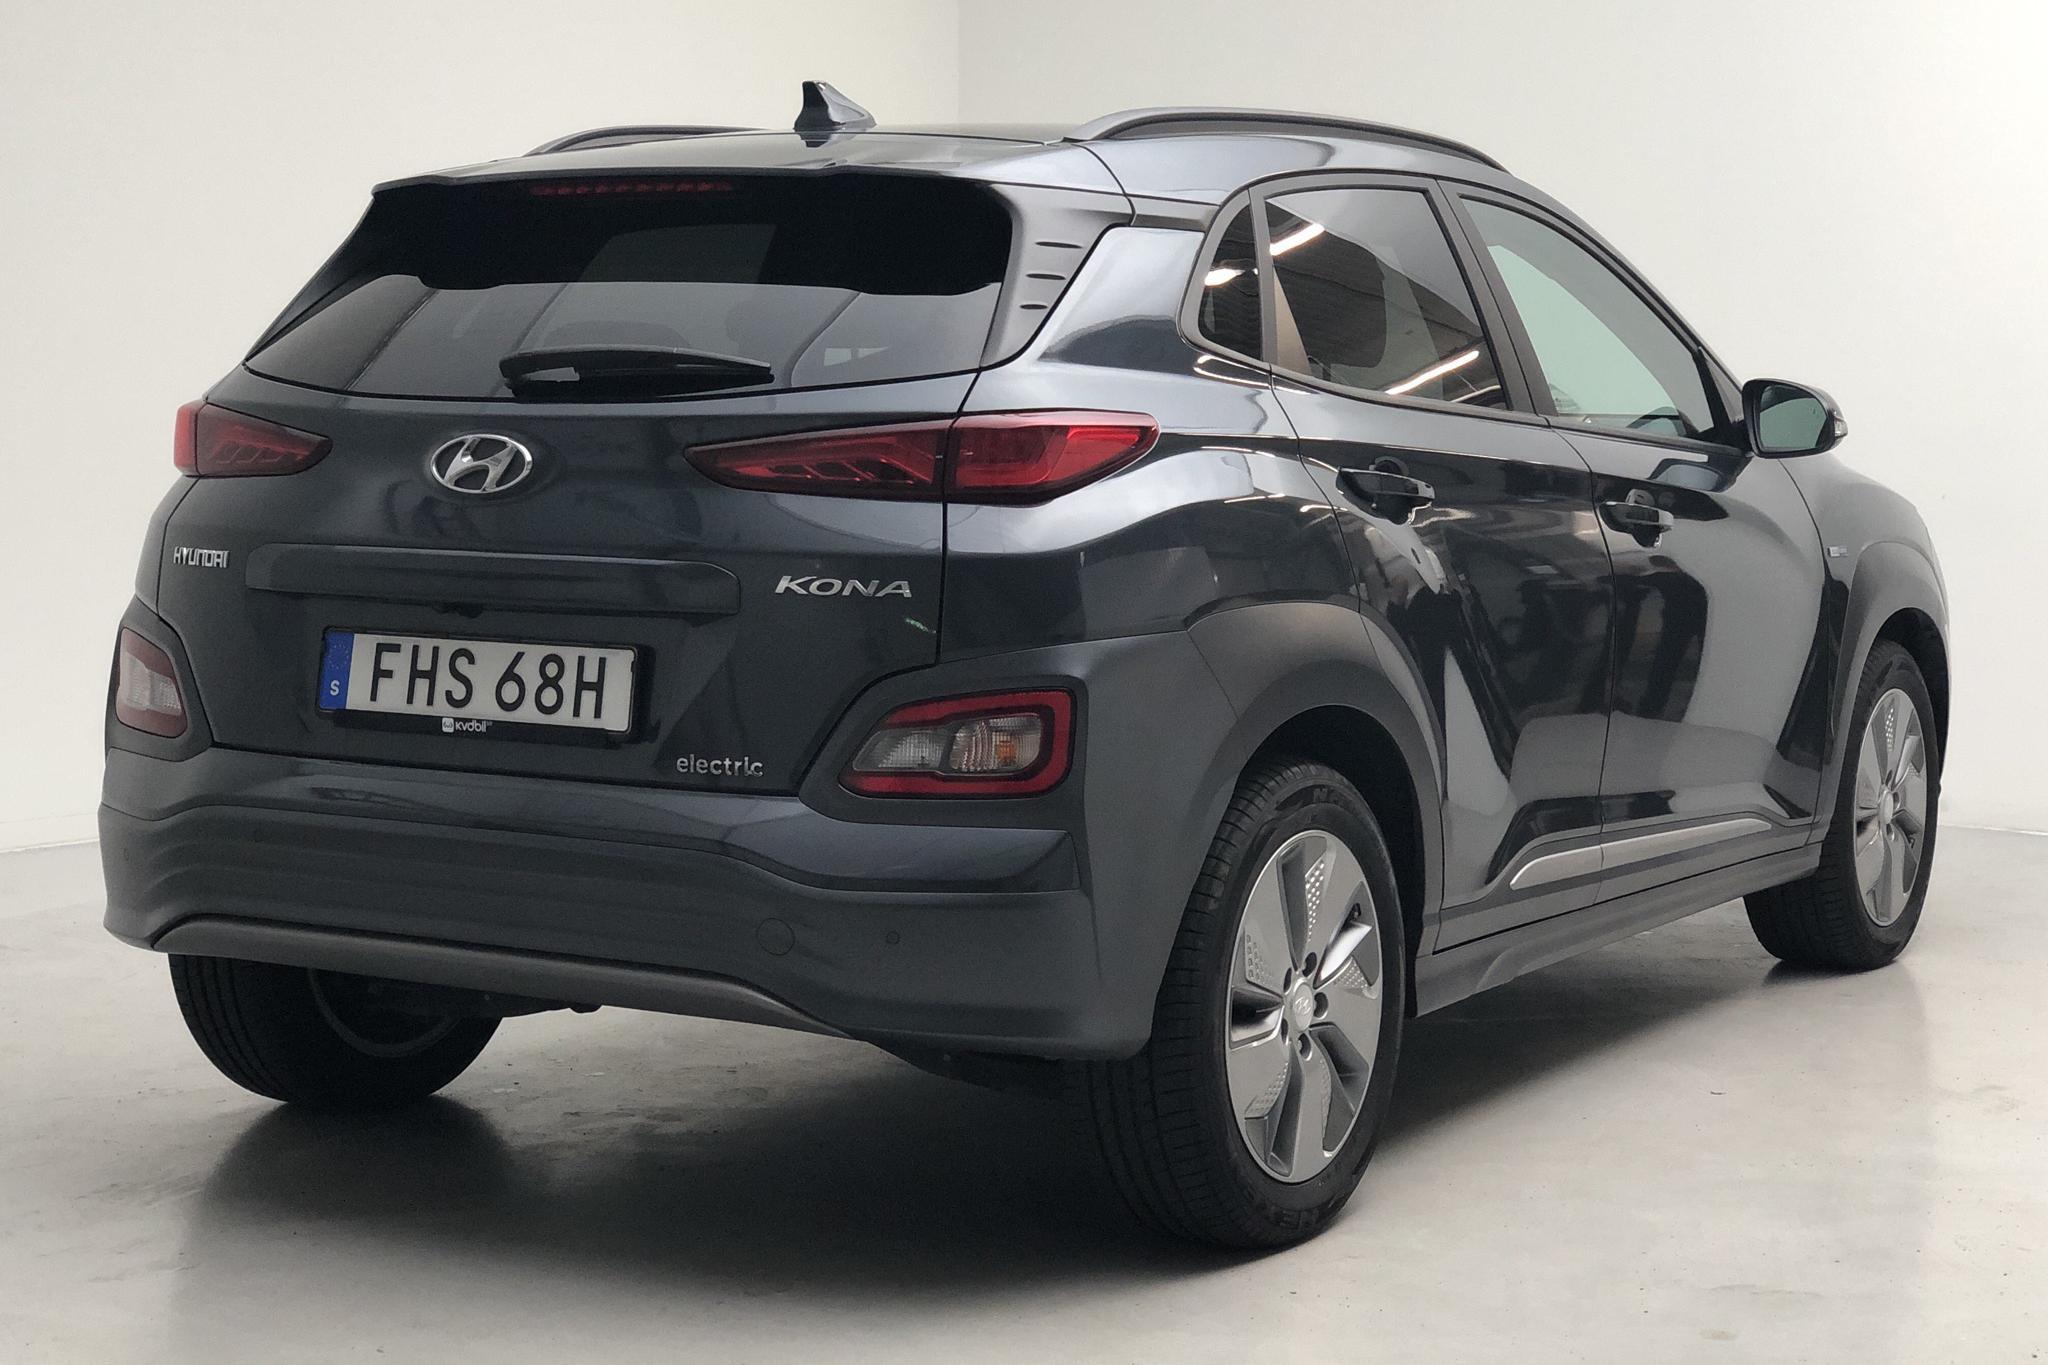 Hyundai Kona Electric Long Range 64kWh (204hk) - 4 419 mil - Automat - 2019